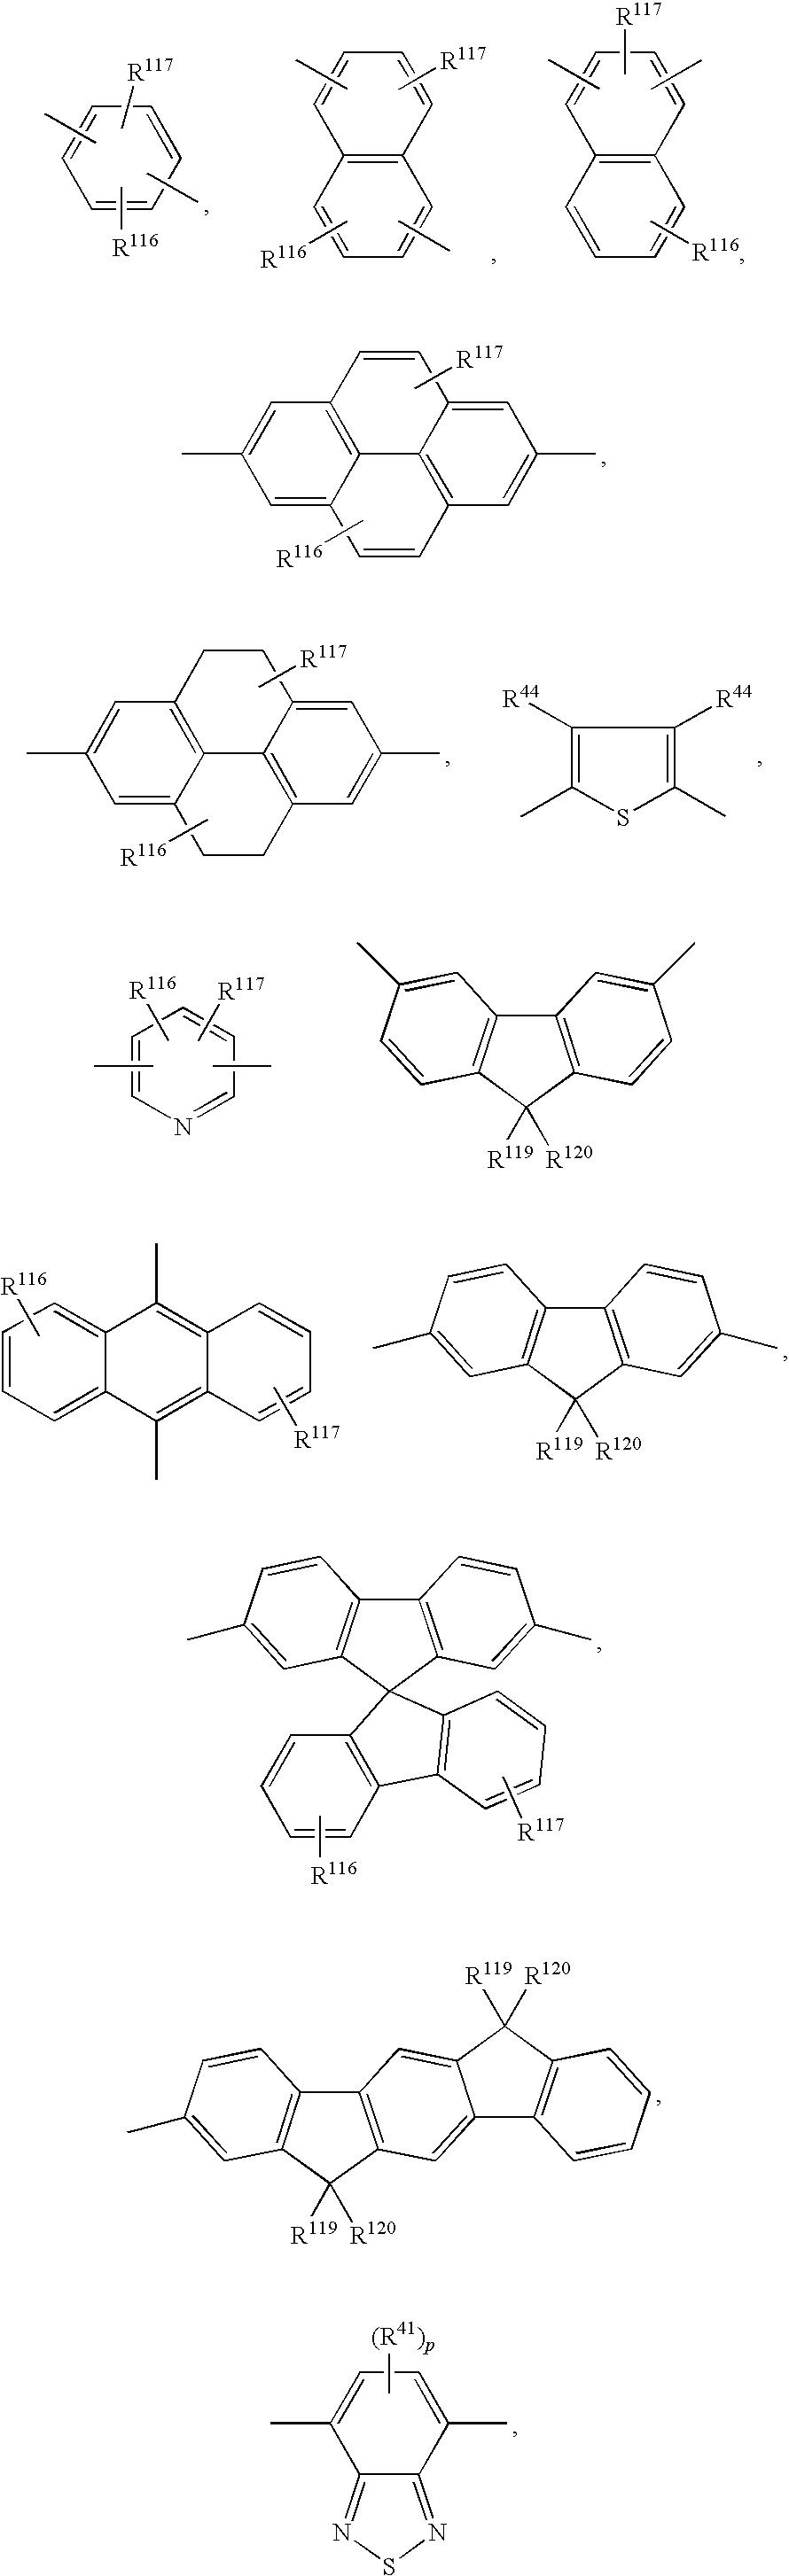 Figure US20090105447A1-20090423-C00079